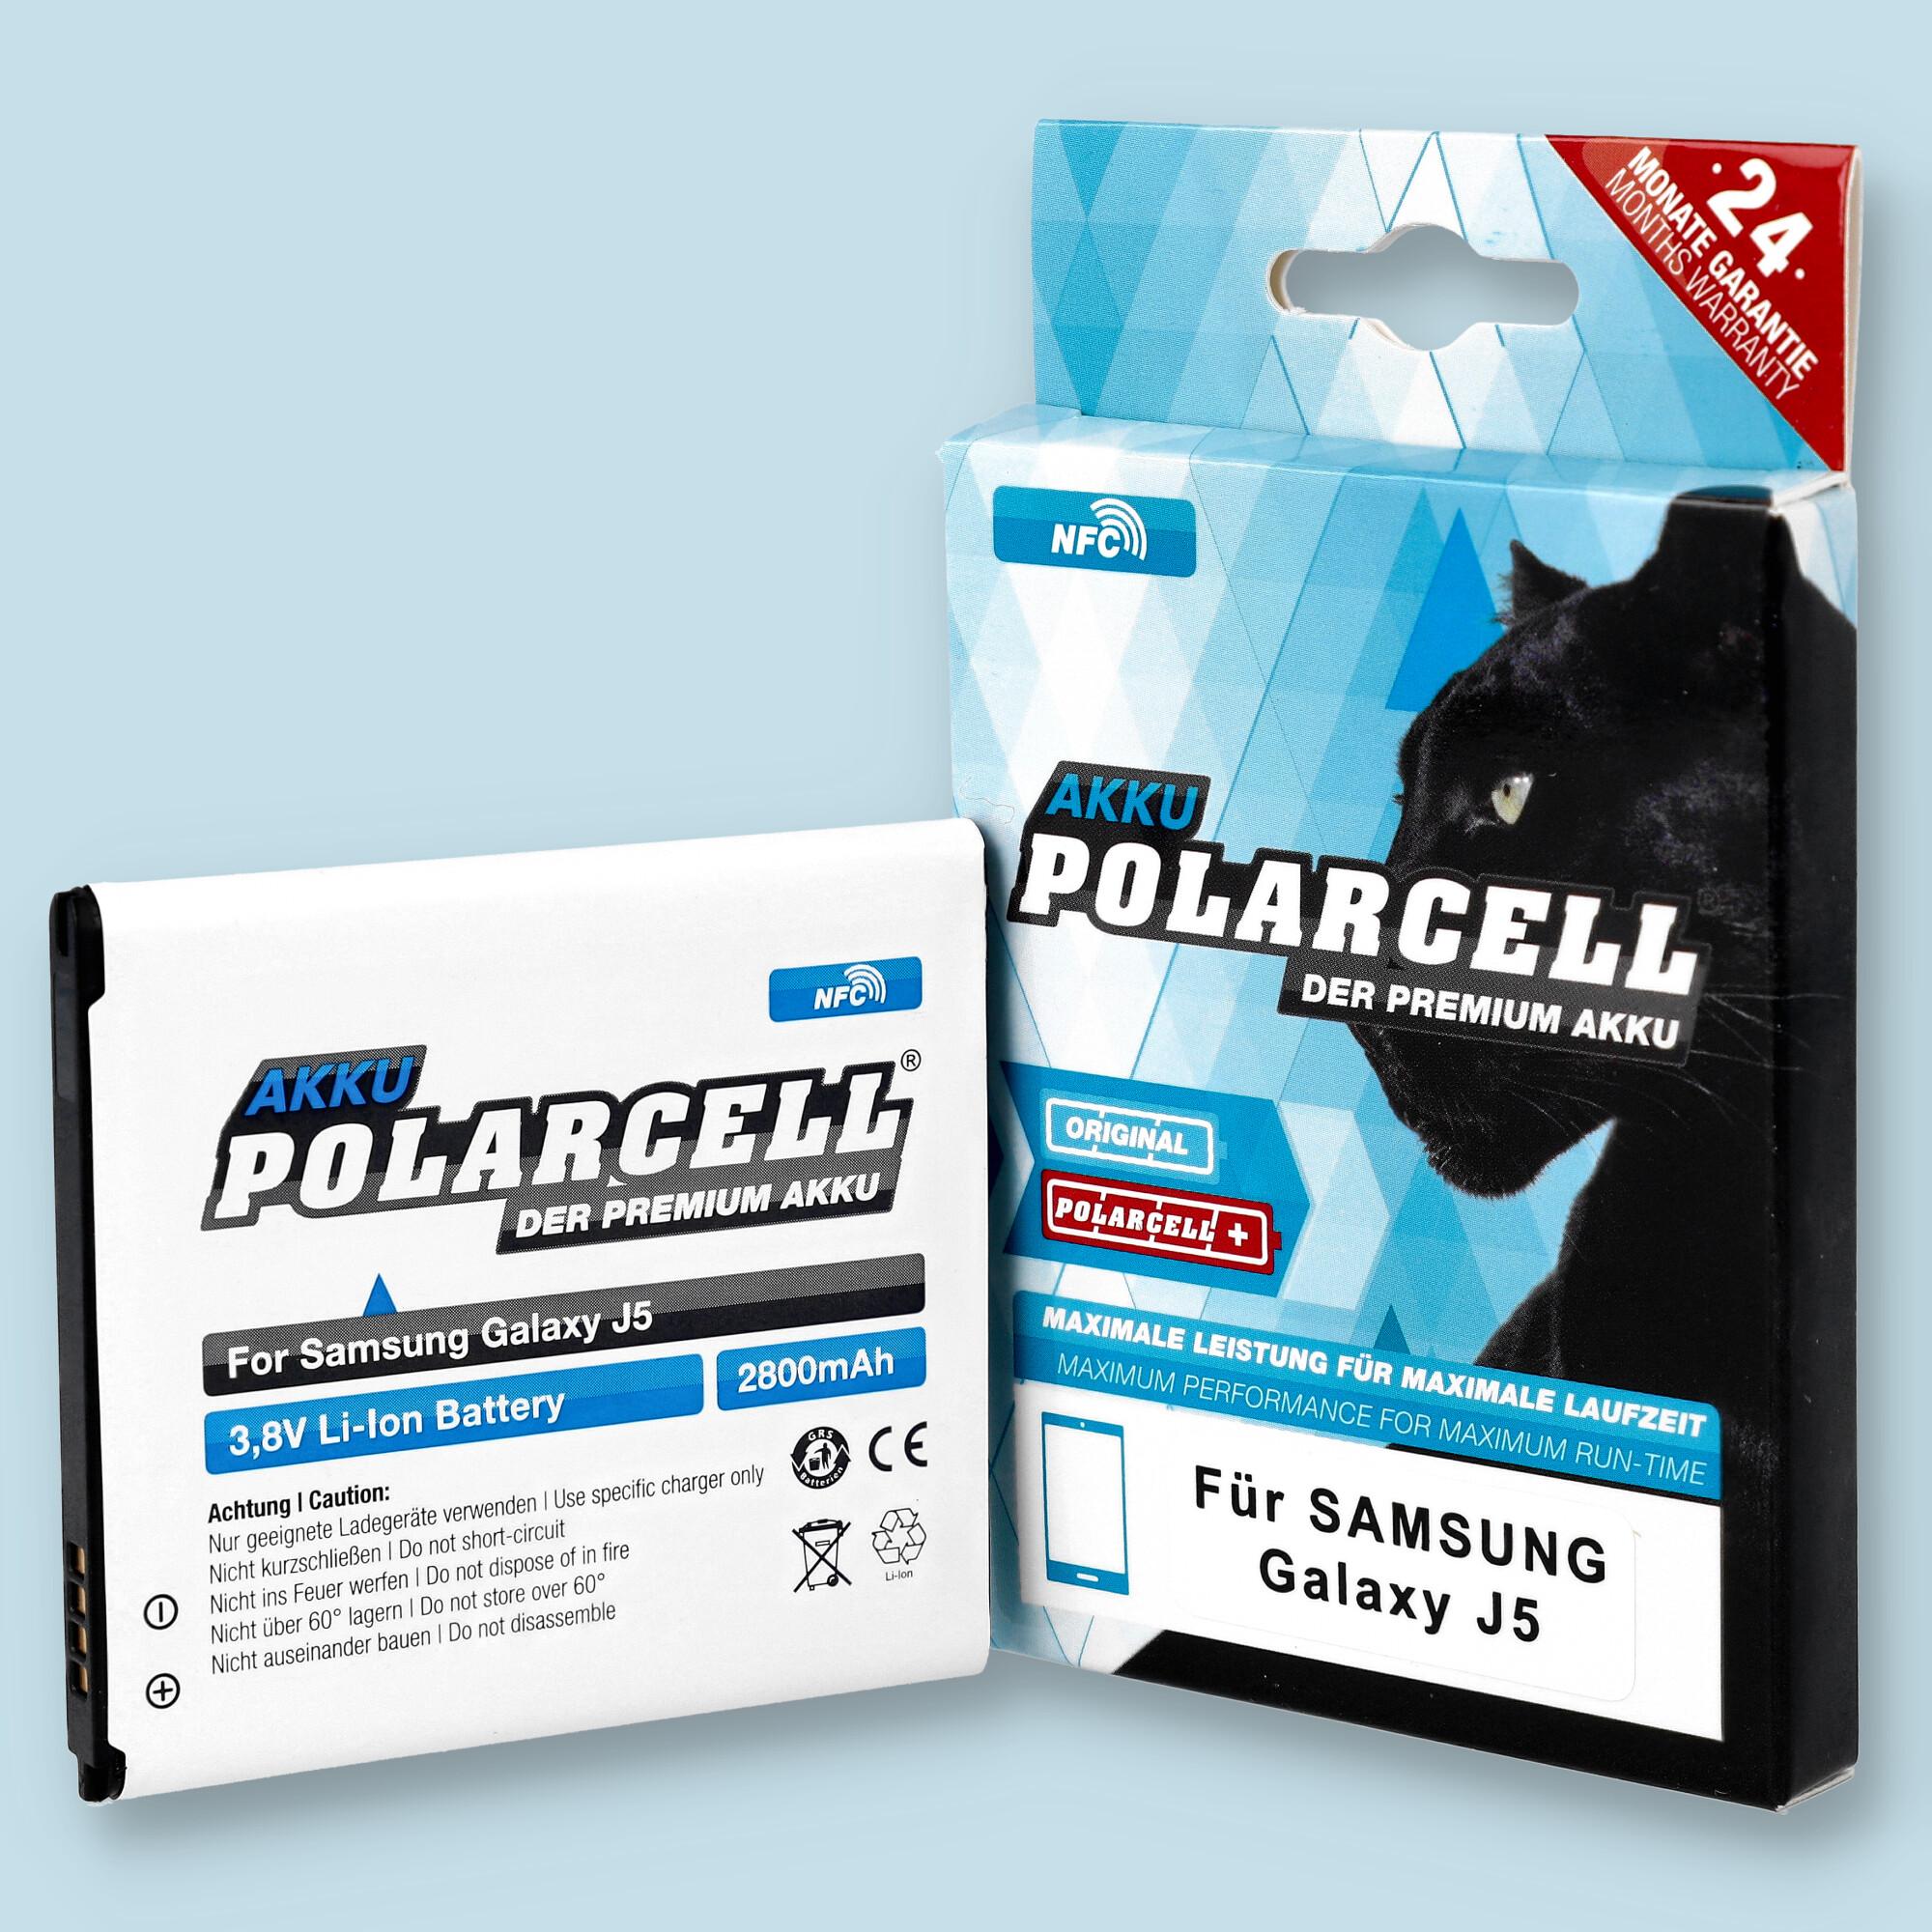 PolarCell® Hochleistungsakku für Samsung Galaxy J5 SM-J500FN mit NFC-Antenne, ersetzt Originalakku EB-BG530BBU